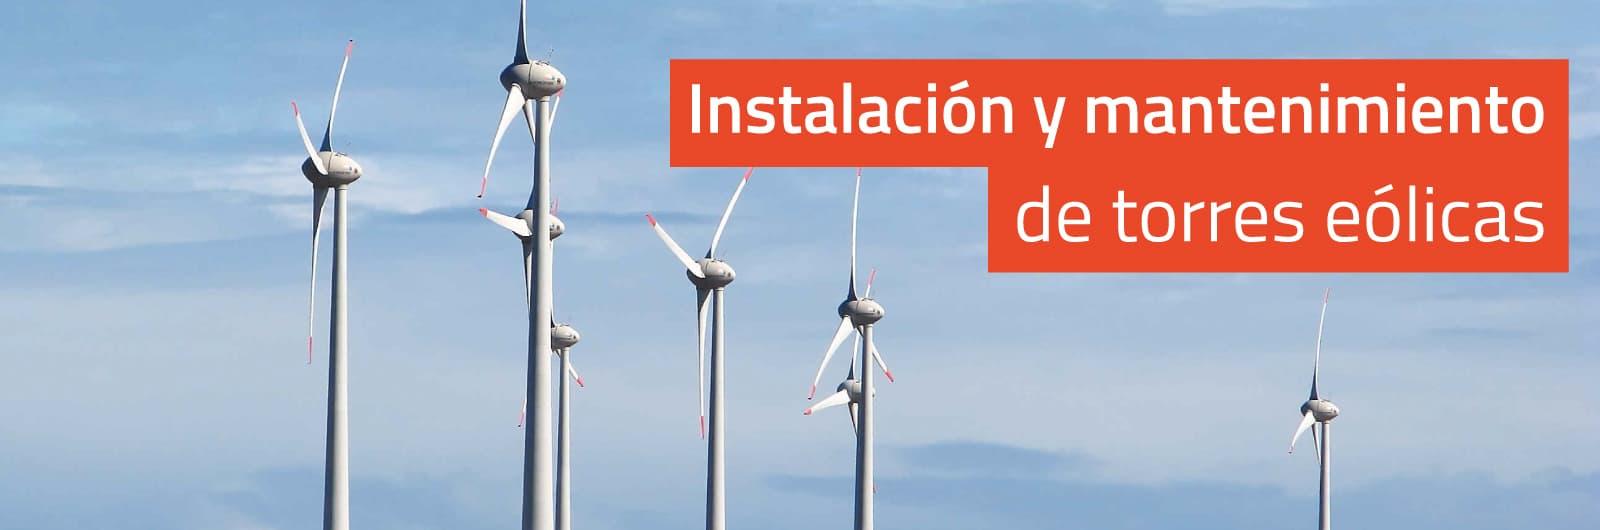 instalacion-y-mantenimieto-eolica